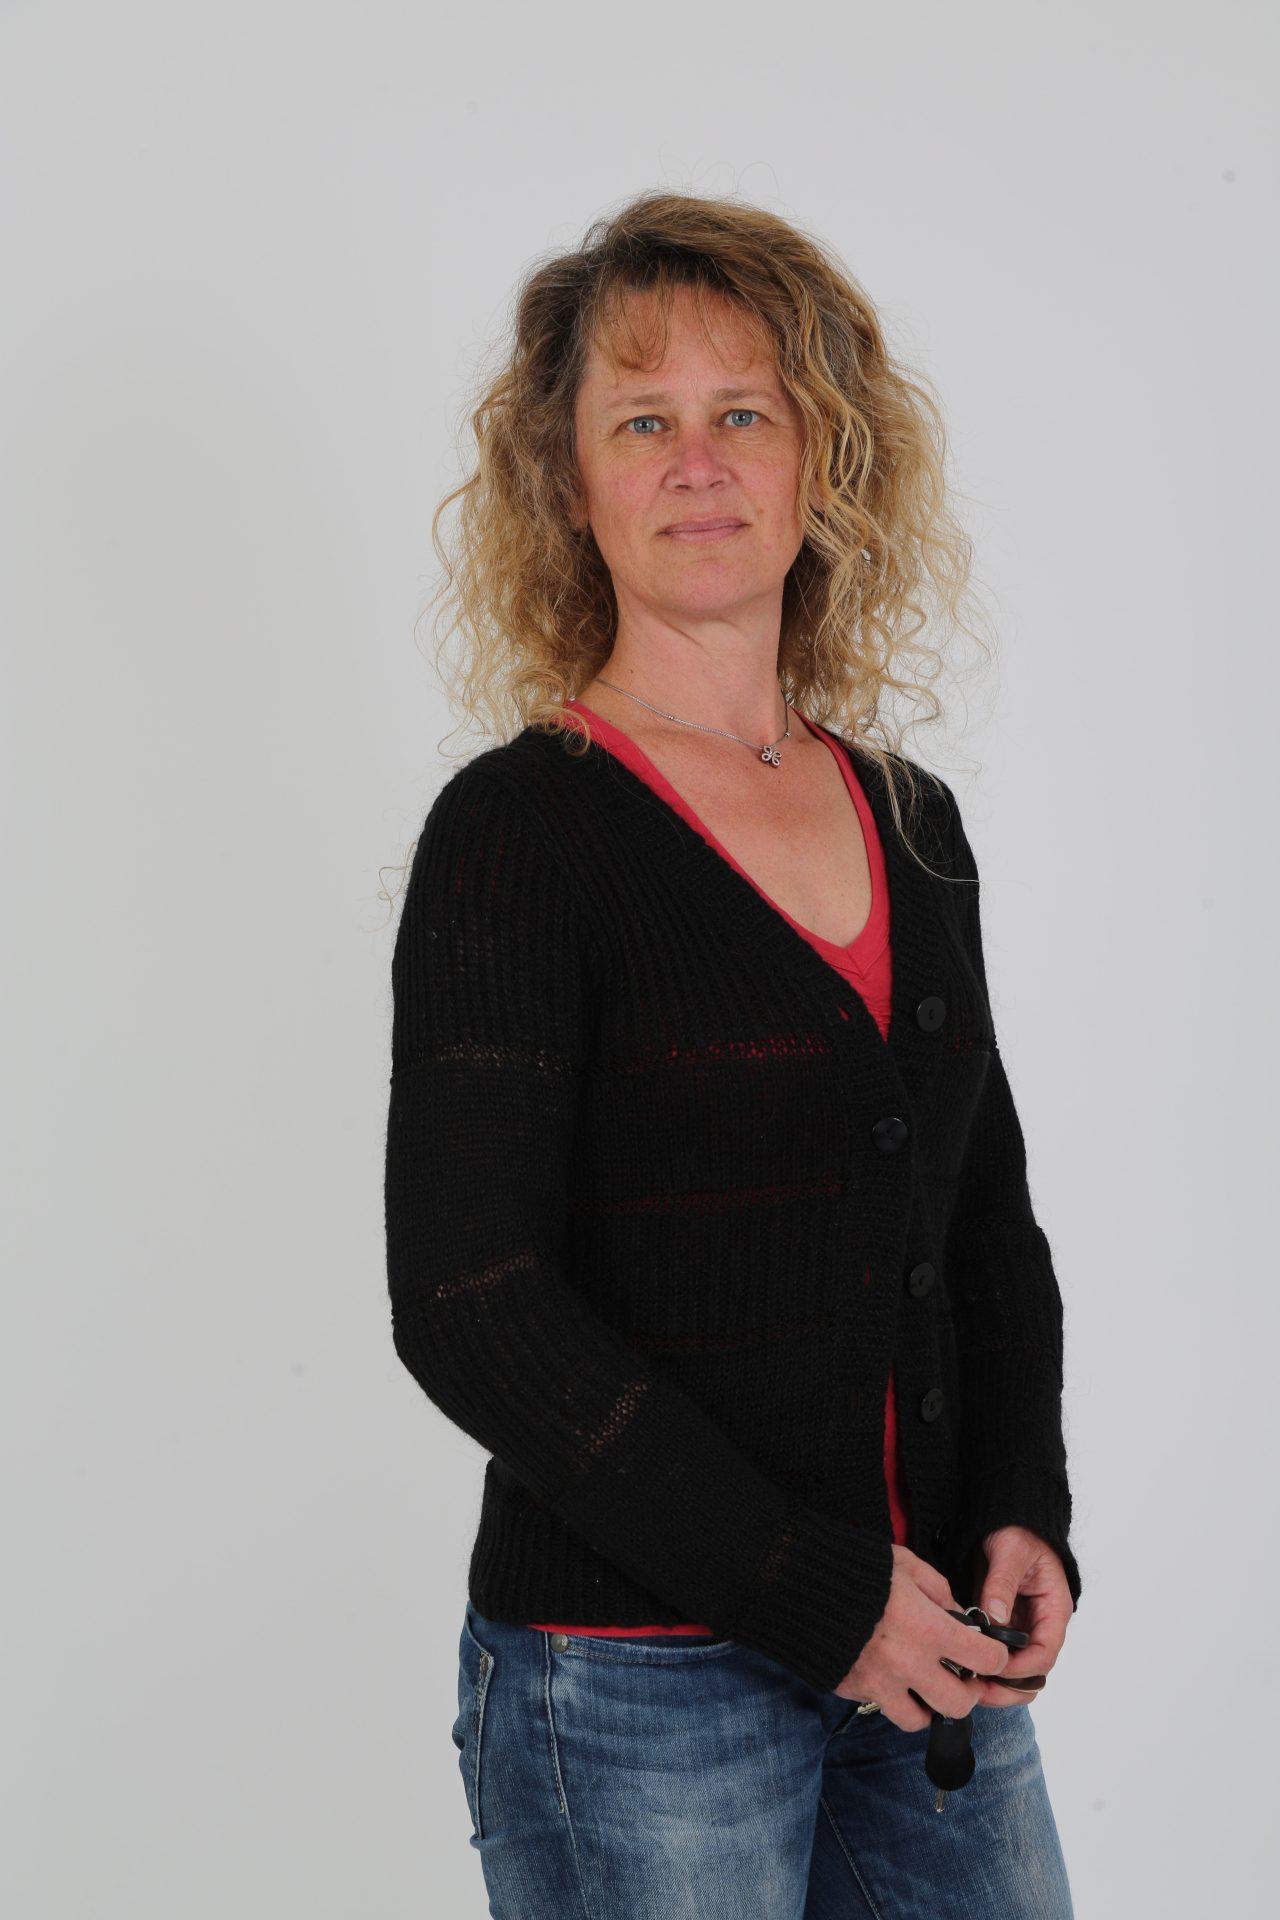 Claudia Quintern